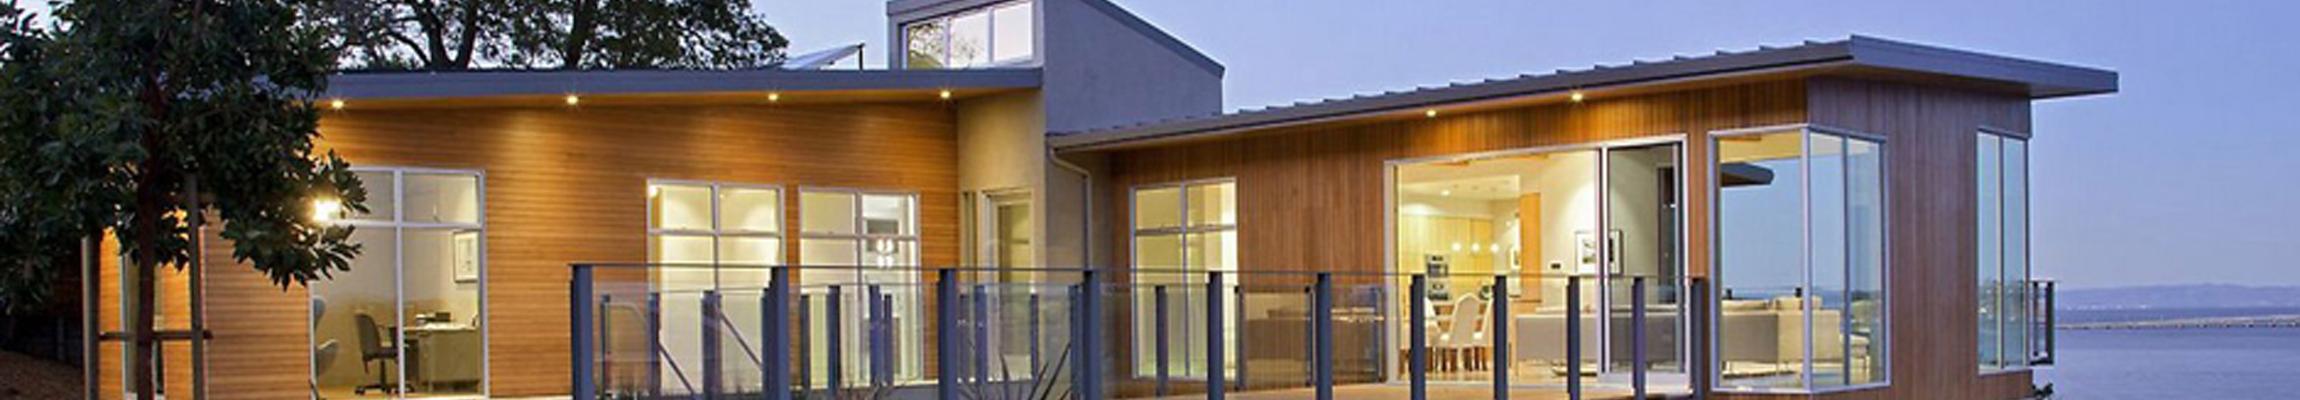 Tiburon-Bay-House-Contemporary